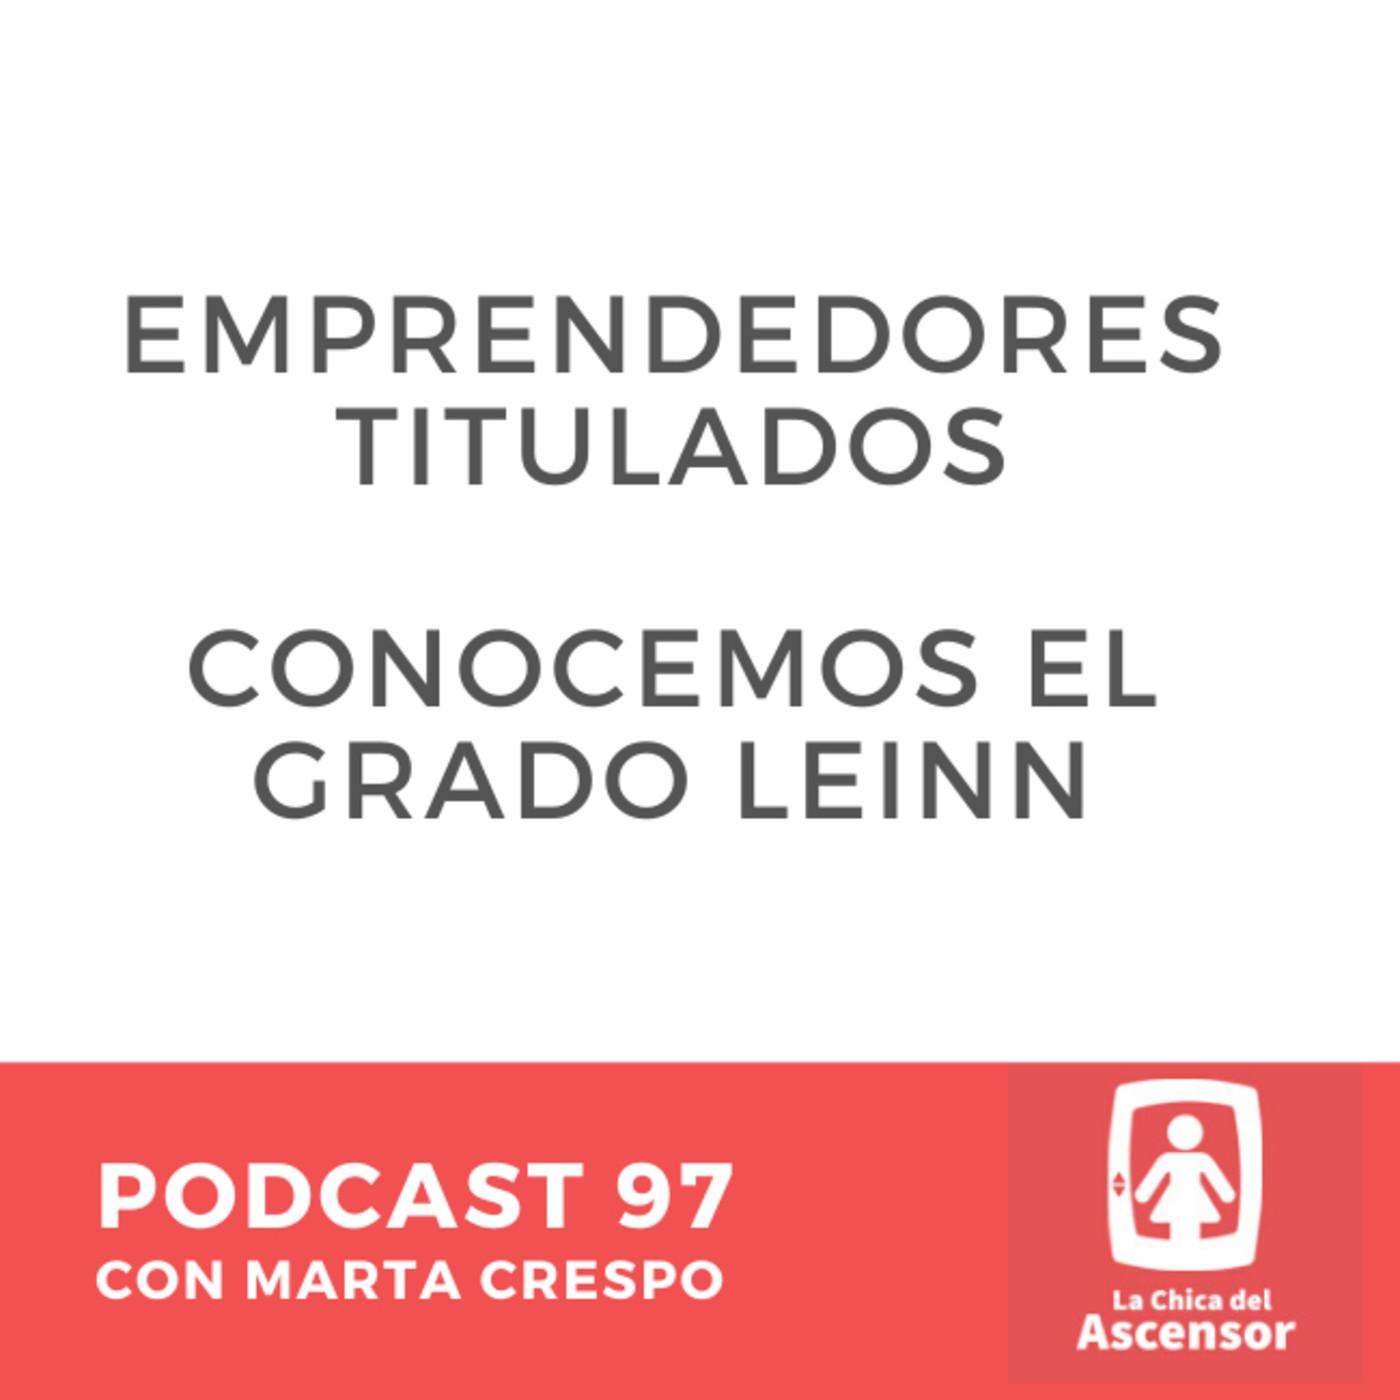 97 - Emprendedores titulados conocemos el grado Leinn y un truco para el whatsapp